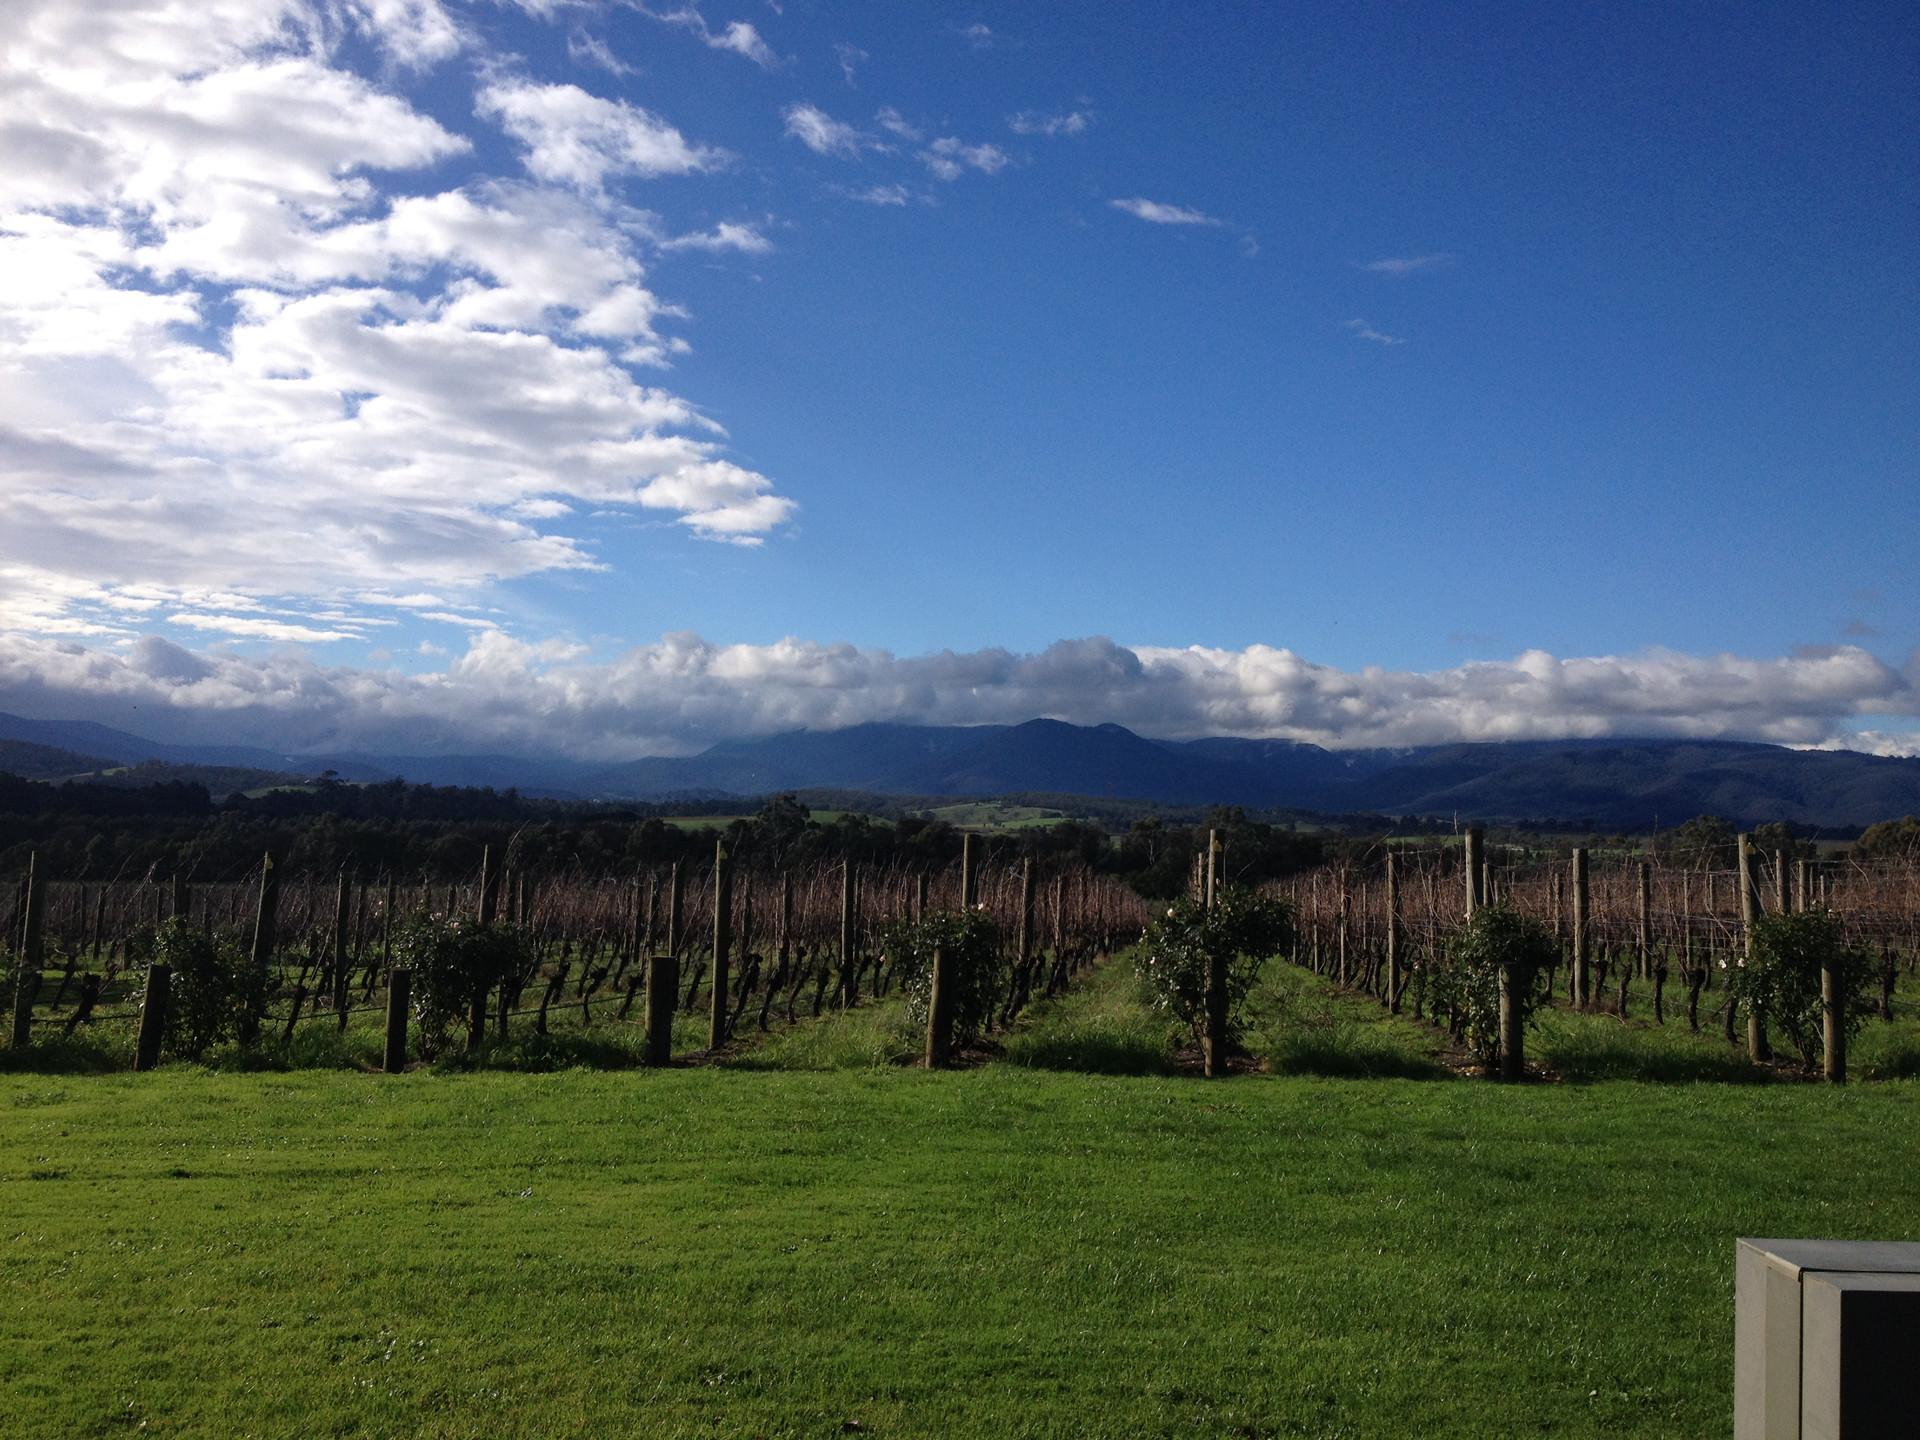 Yarra Valley wine region in Victoria